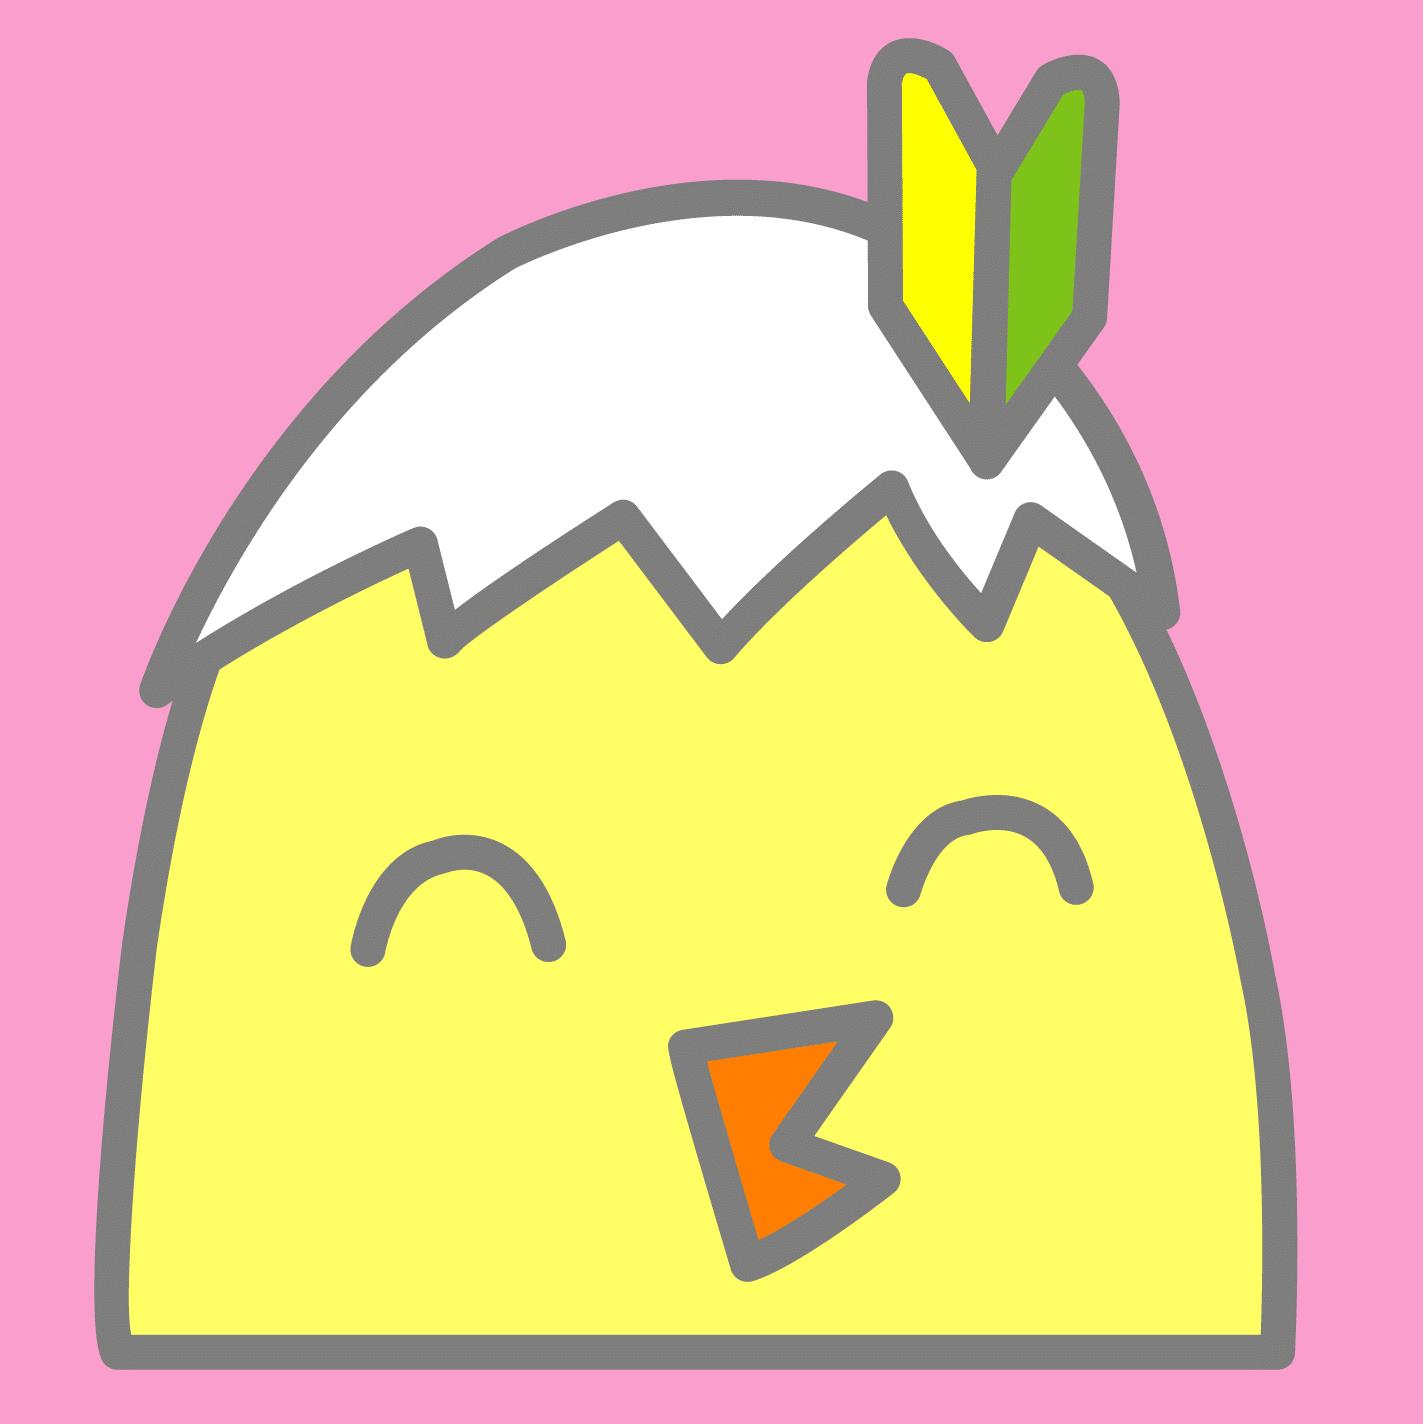 ぴよ子のアイコン